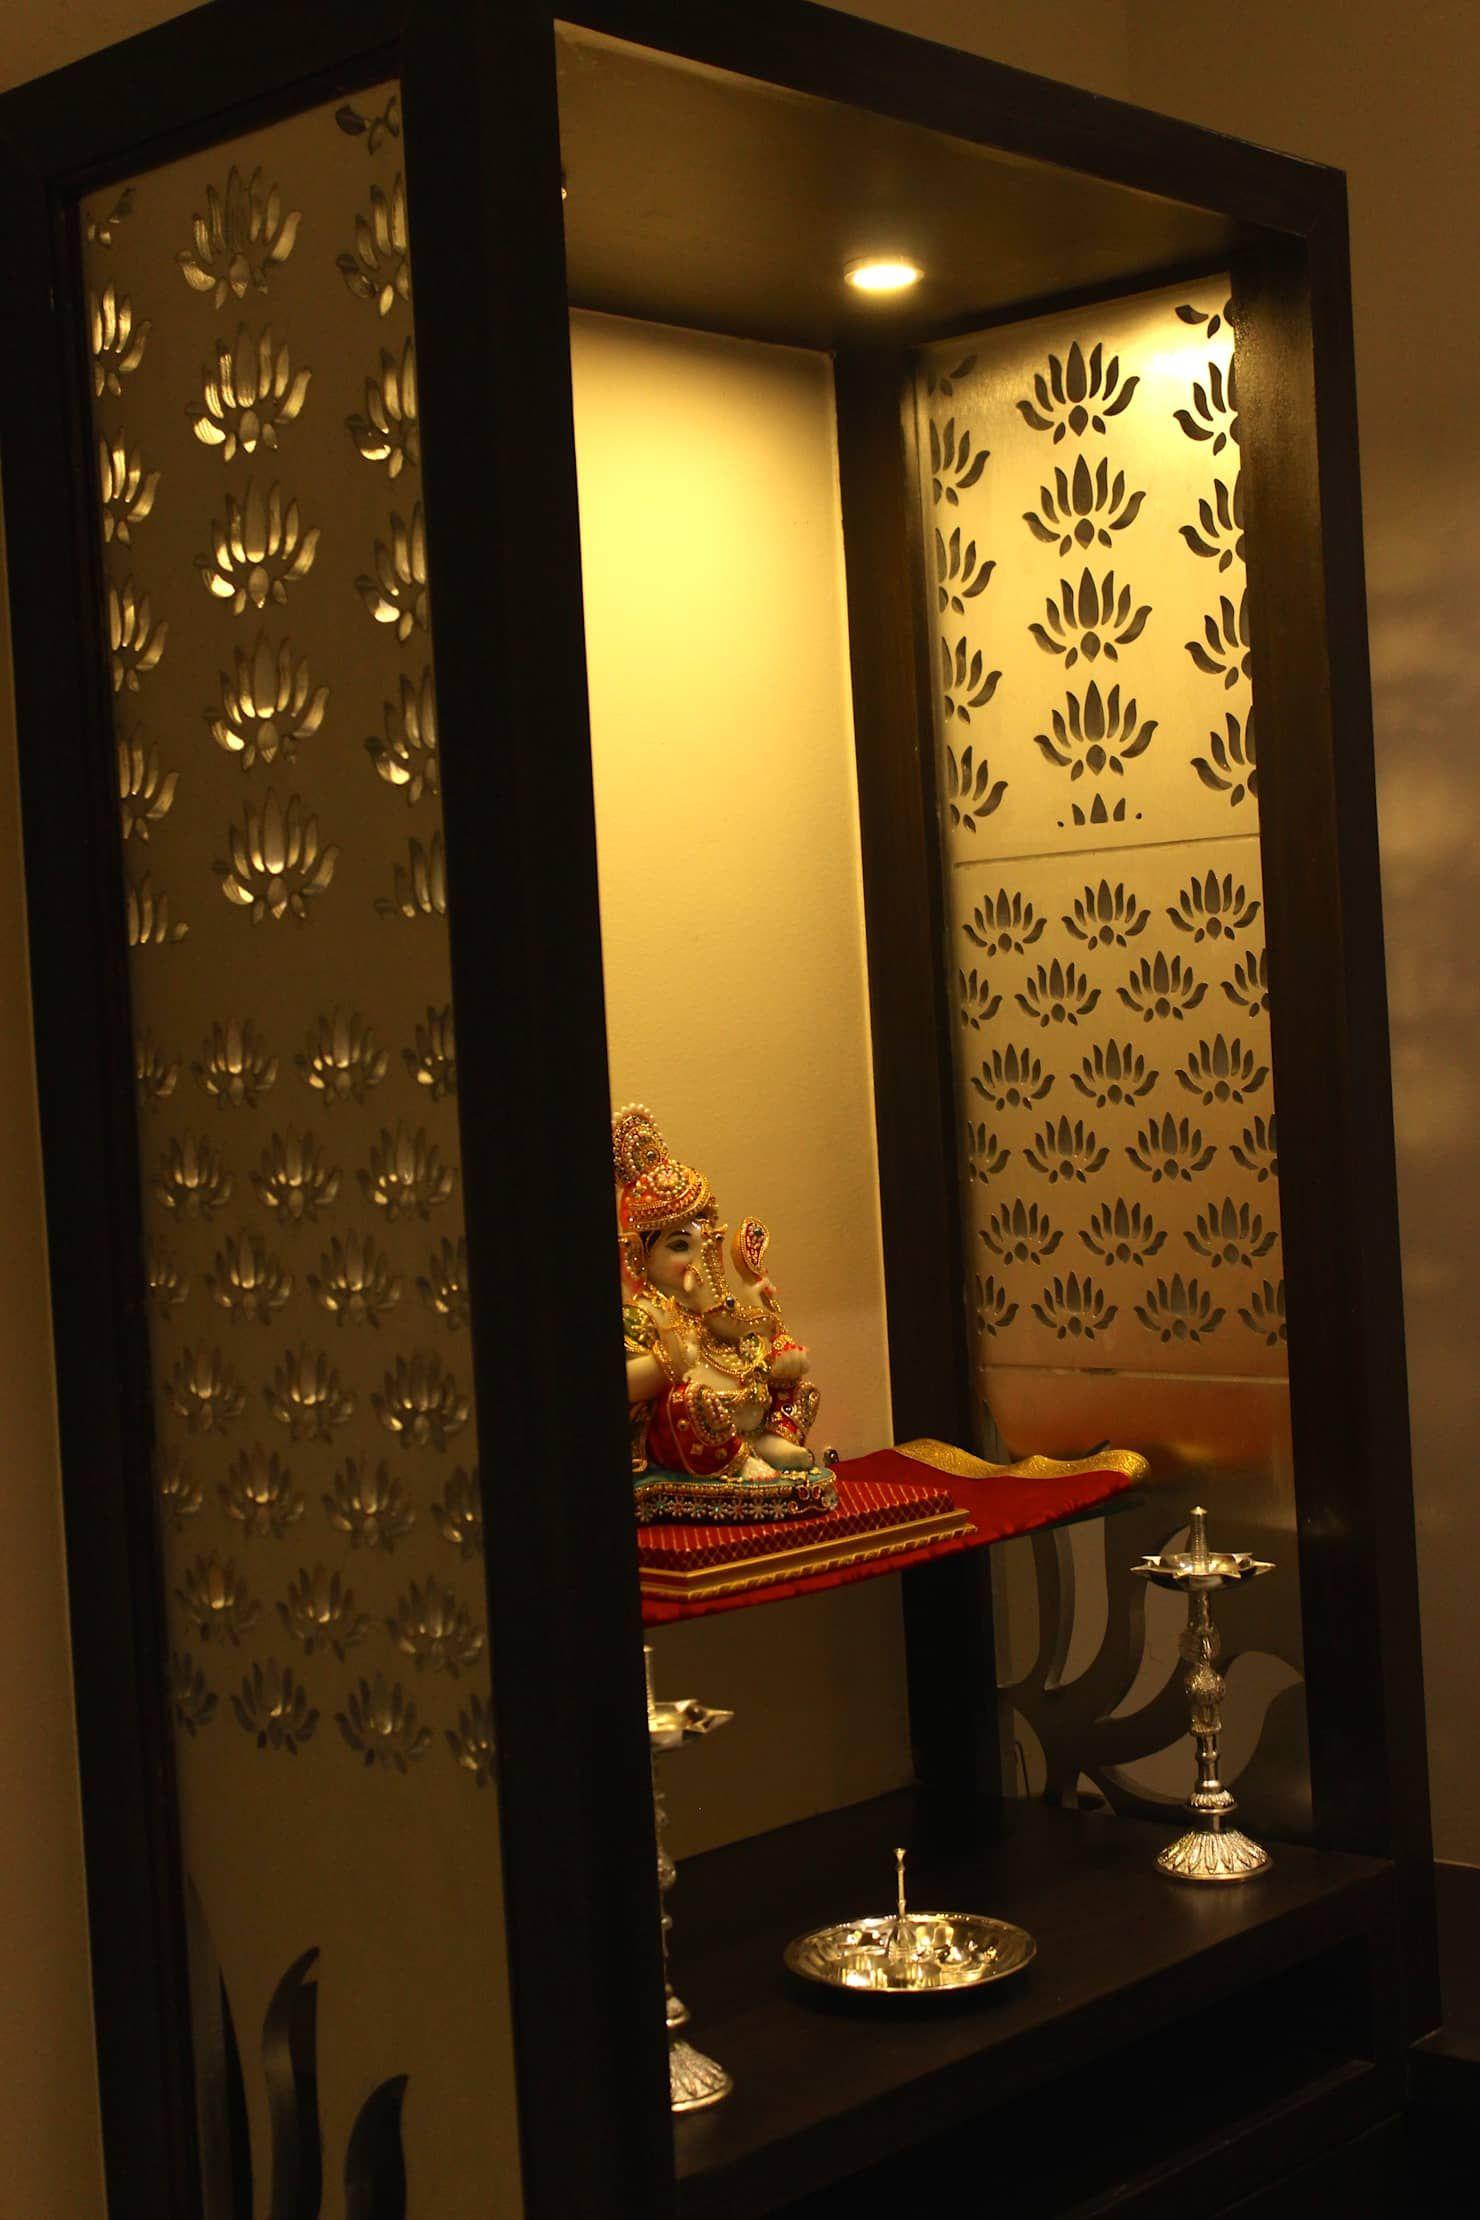 Room interior design ideas inspiration u pictures sumi